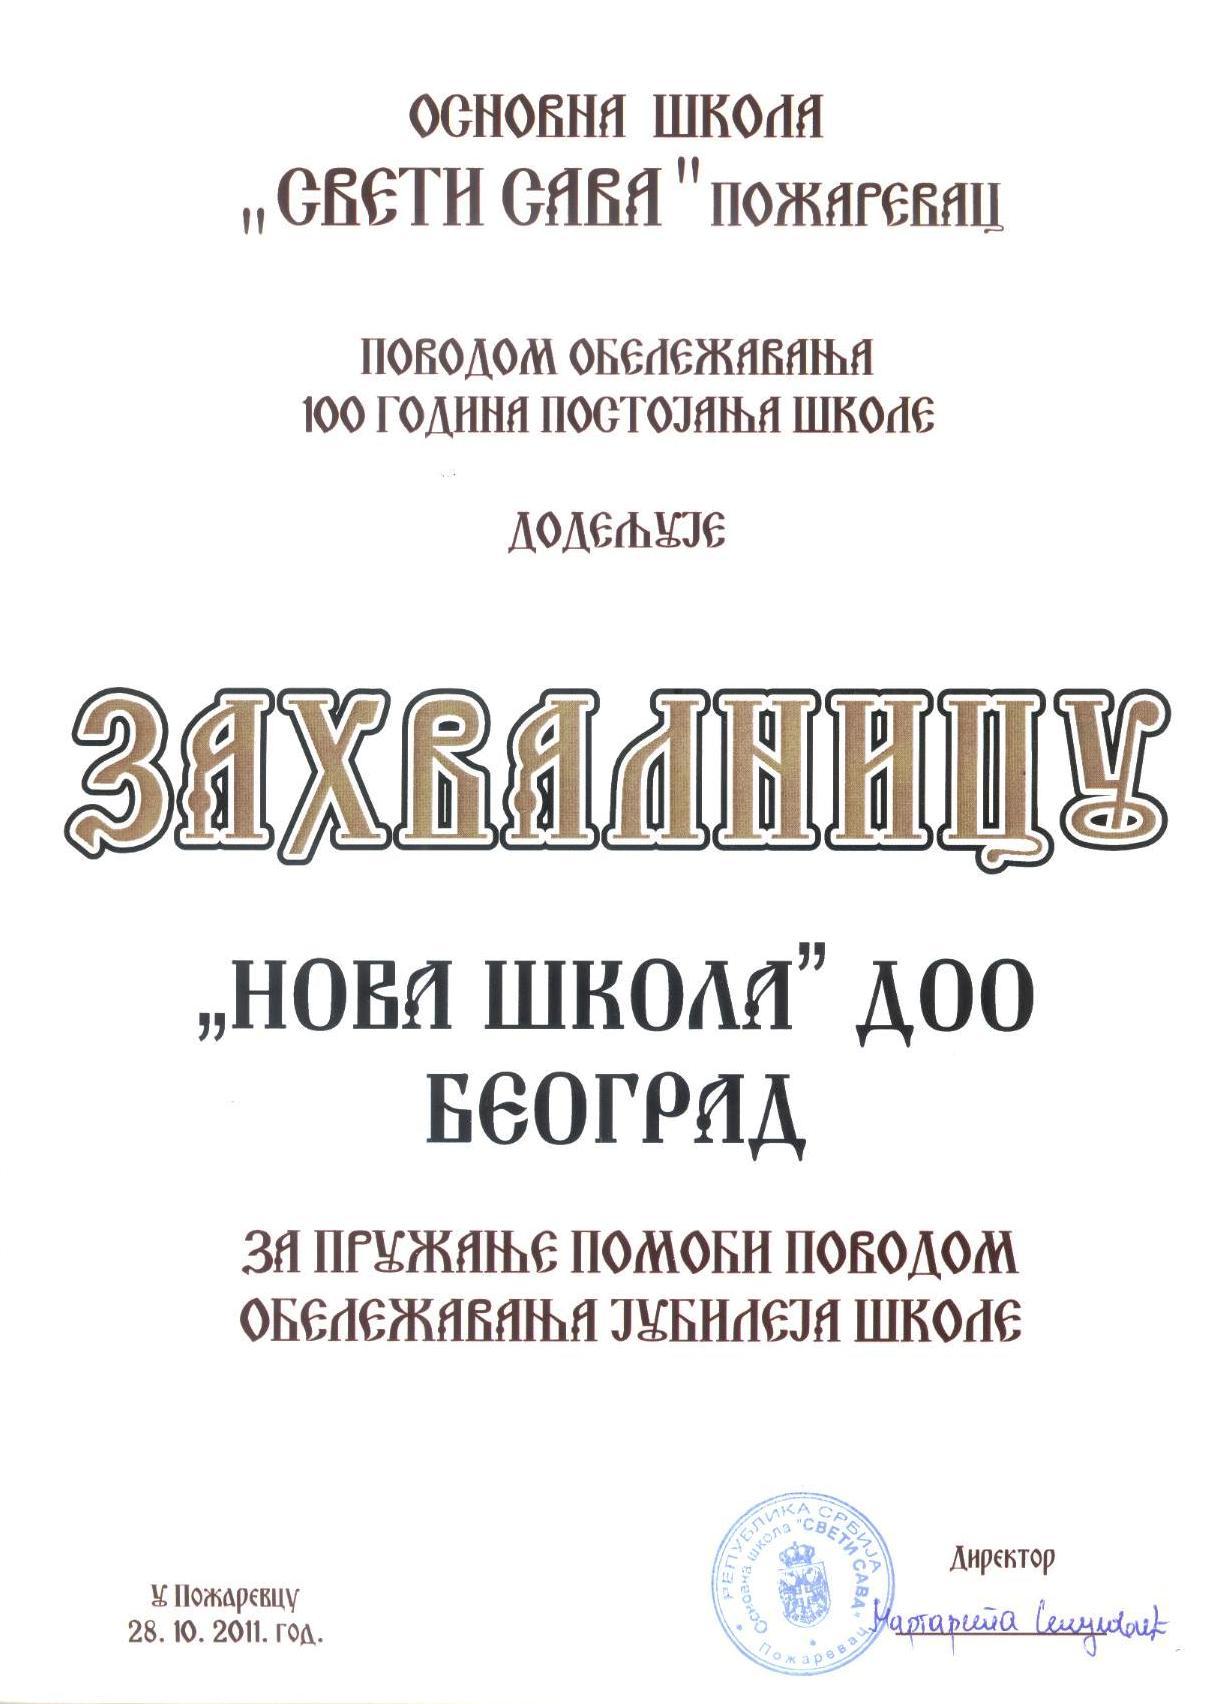 17 os-sveti-sava-pozarevac-2011